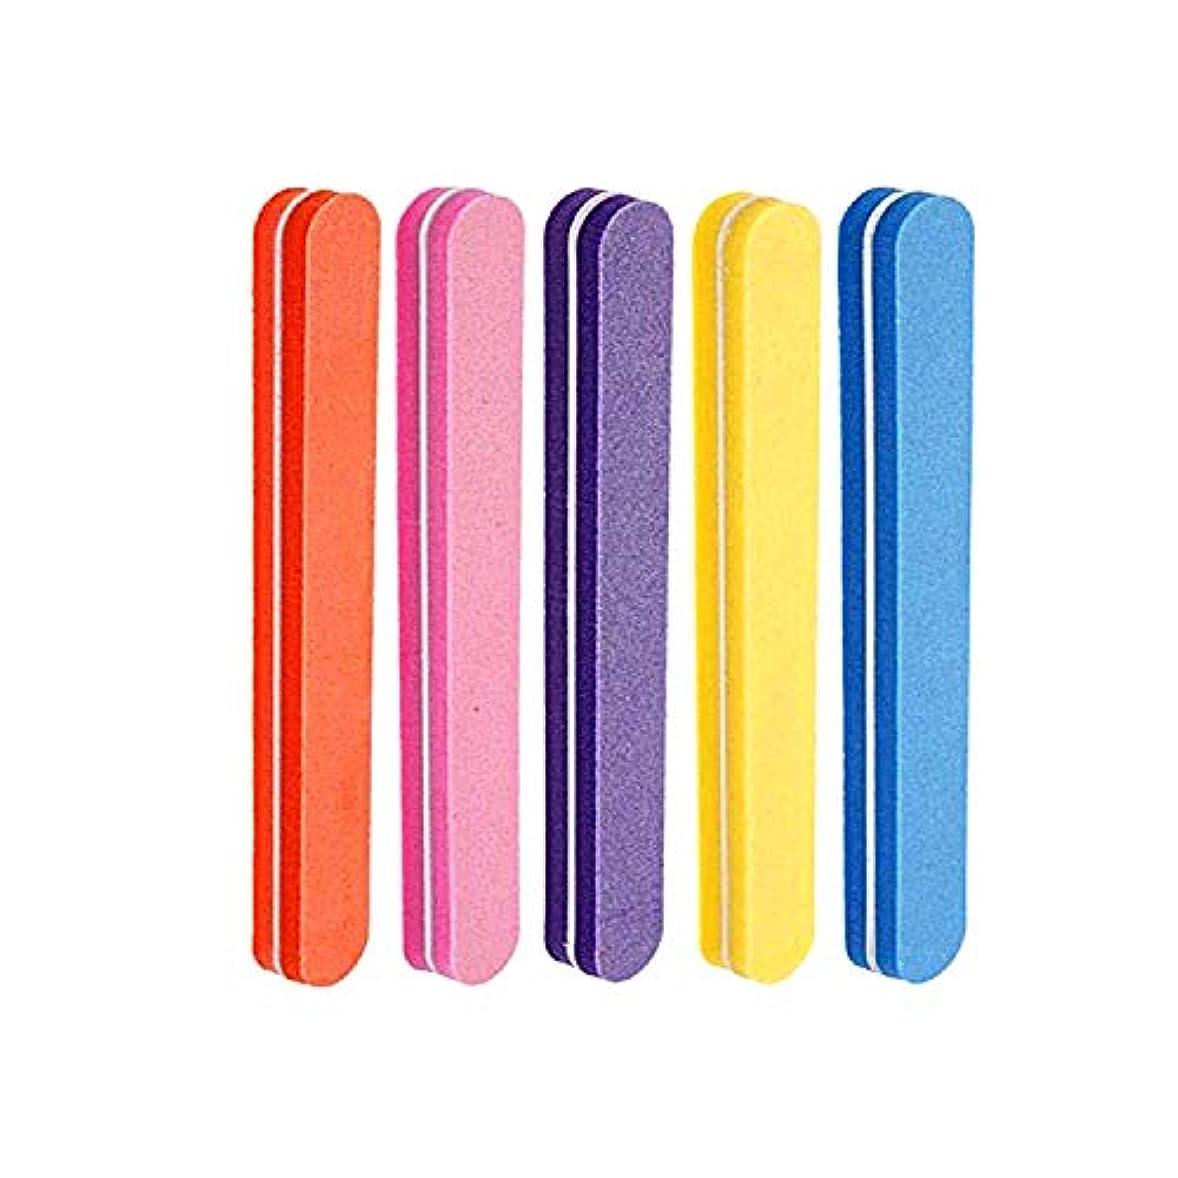 ネイルファイル 5色スポンジネイルバッファー 100/180グリット ジェルネイル用 (5本セット)